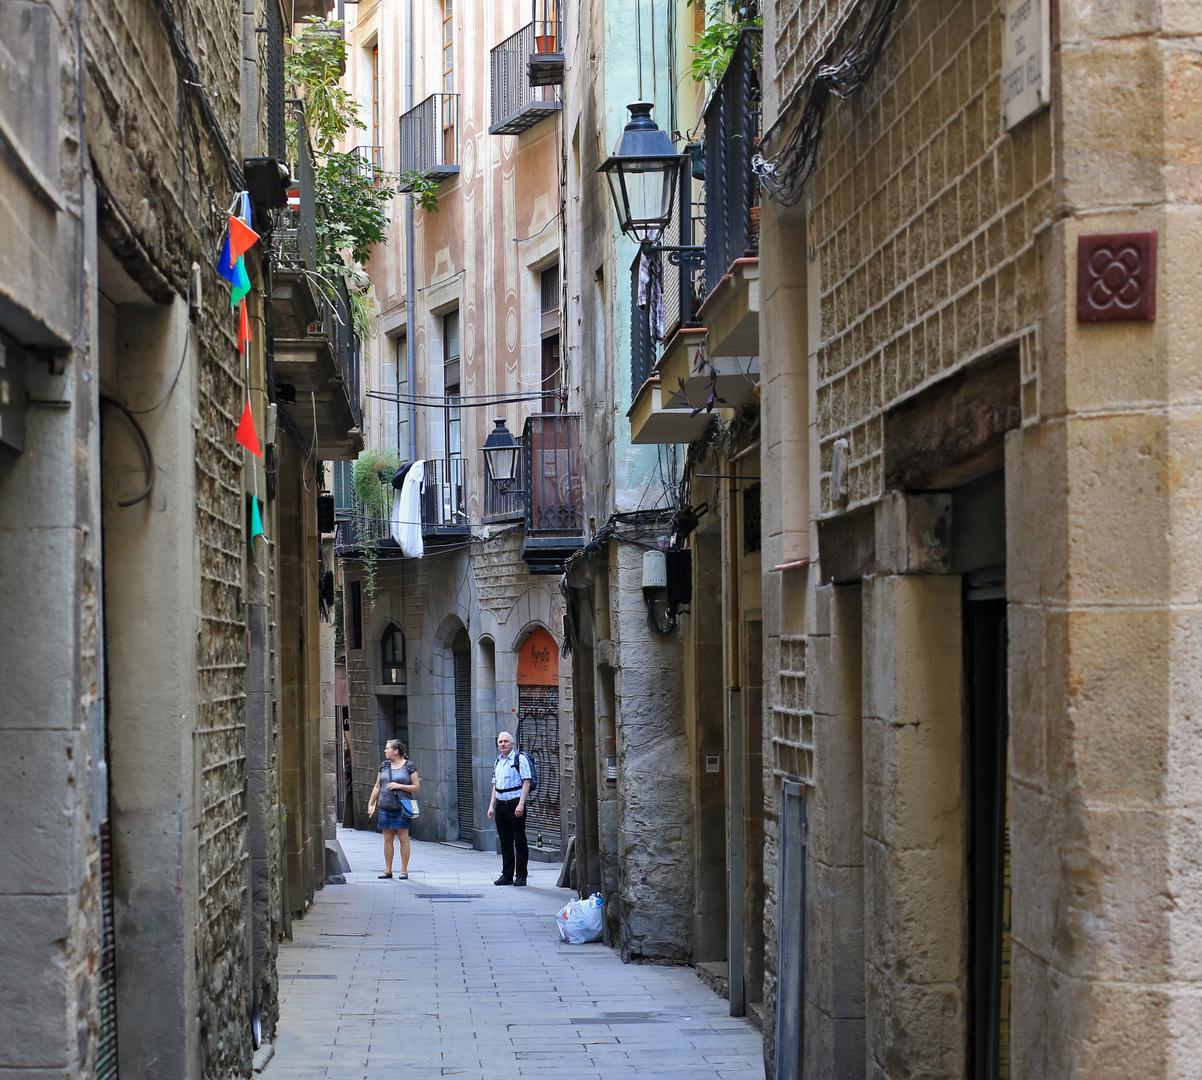 In the dark streets of Barcelona